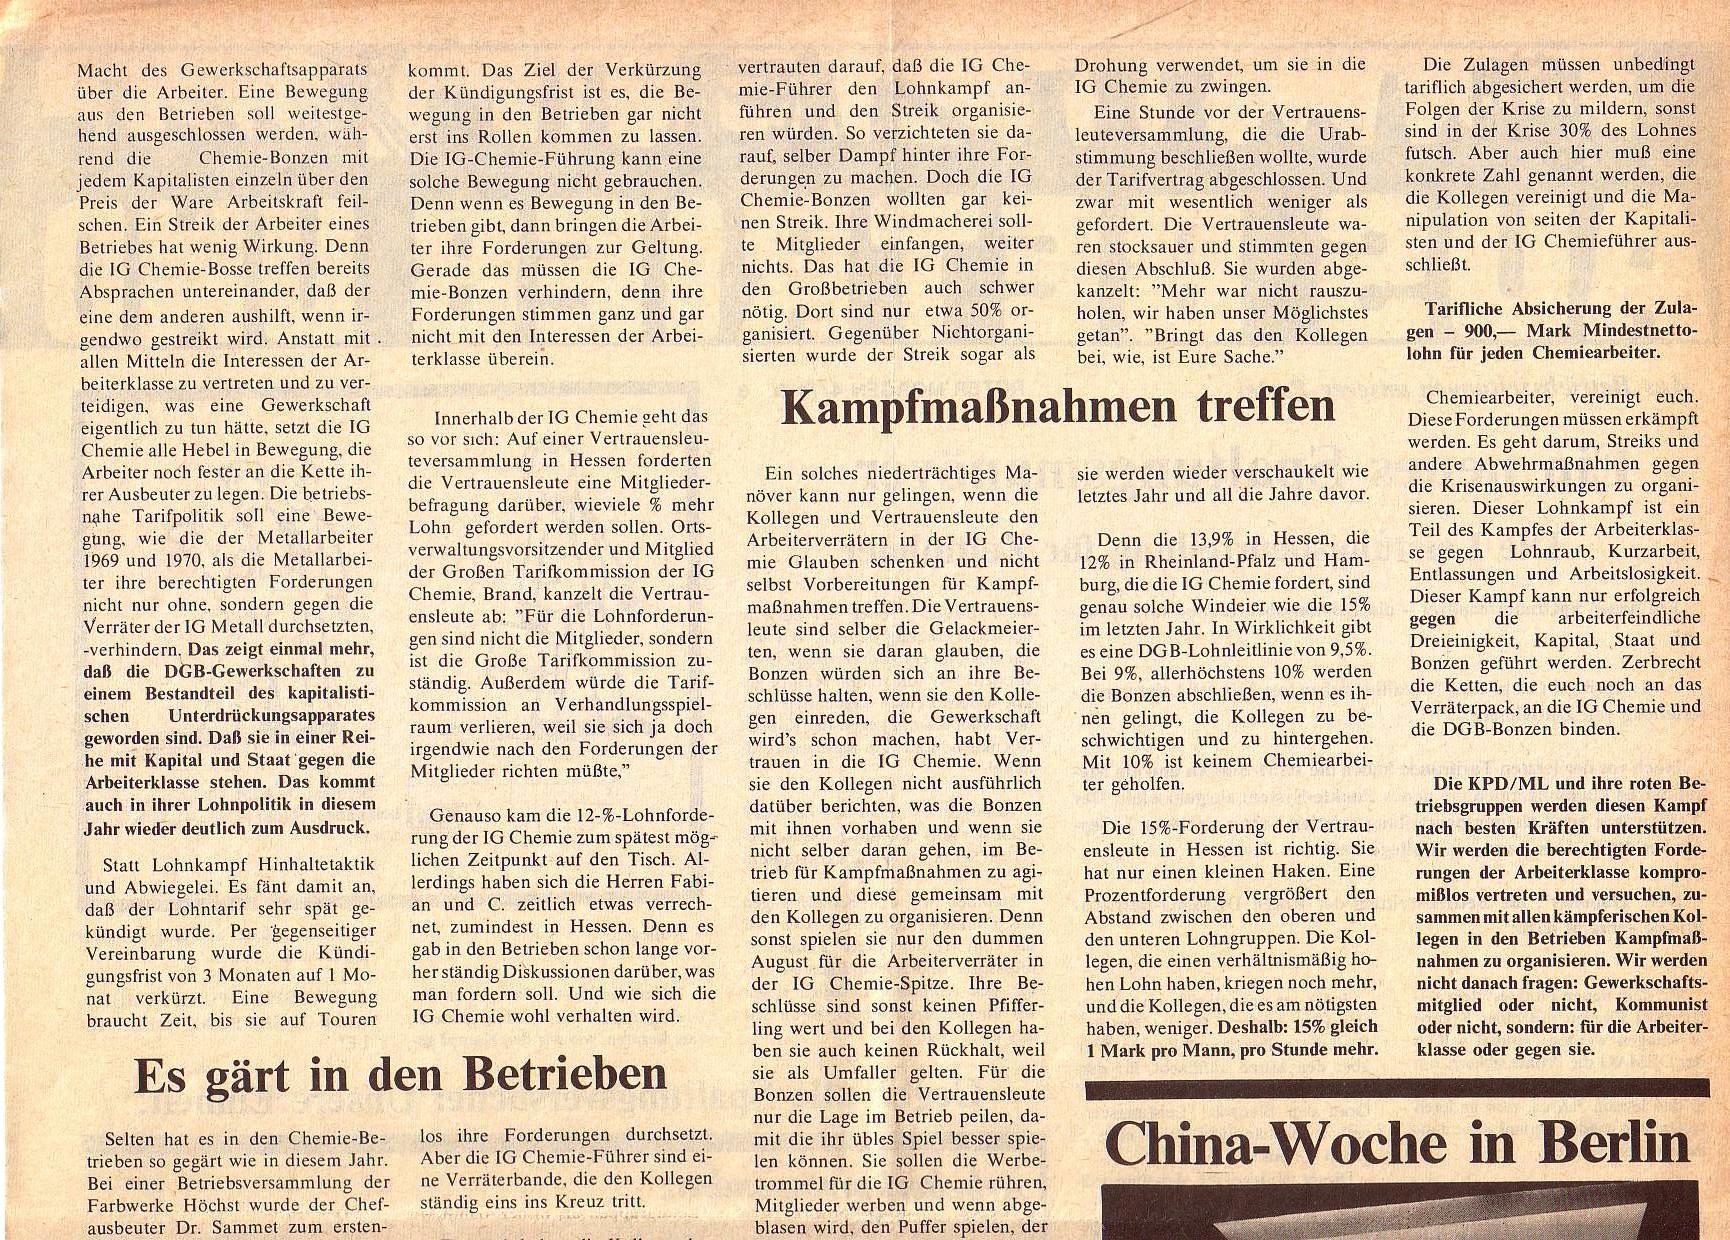 Roter Morgen, 5. Jg., April 1971, Nr. 4, Seite 5a